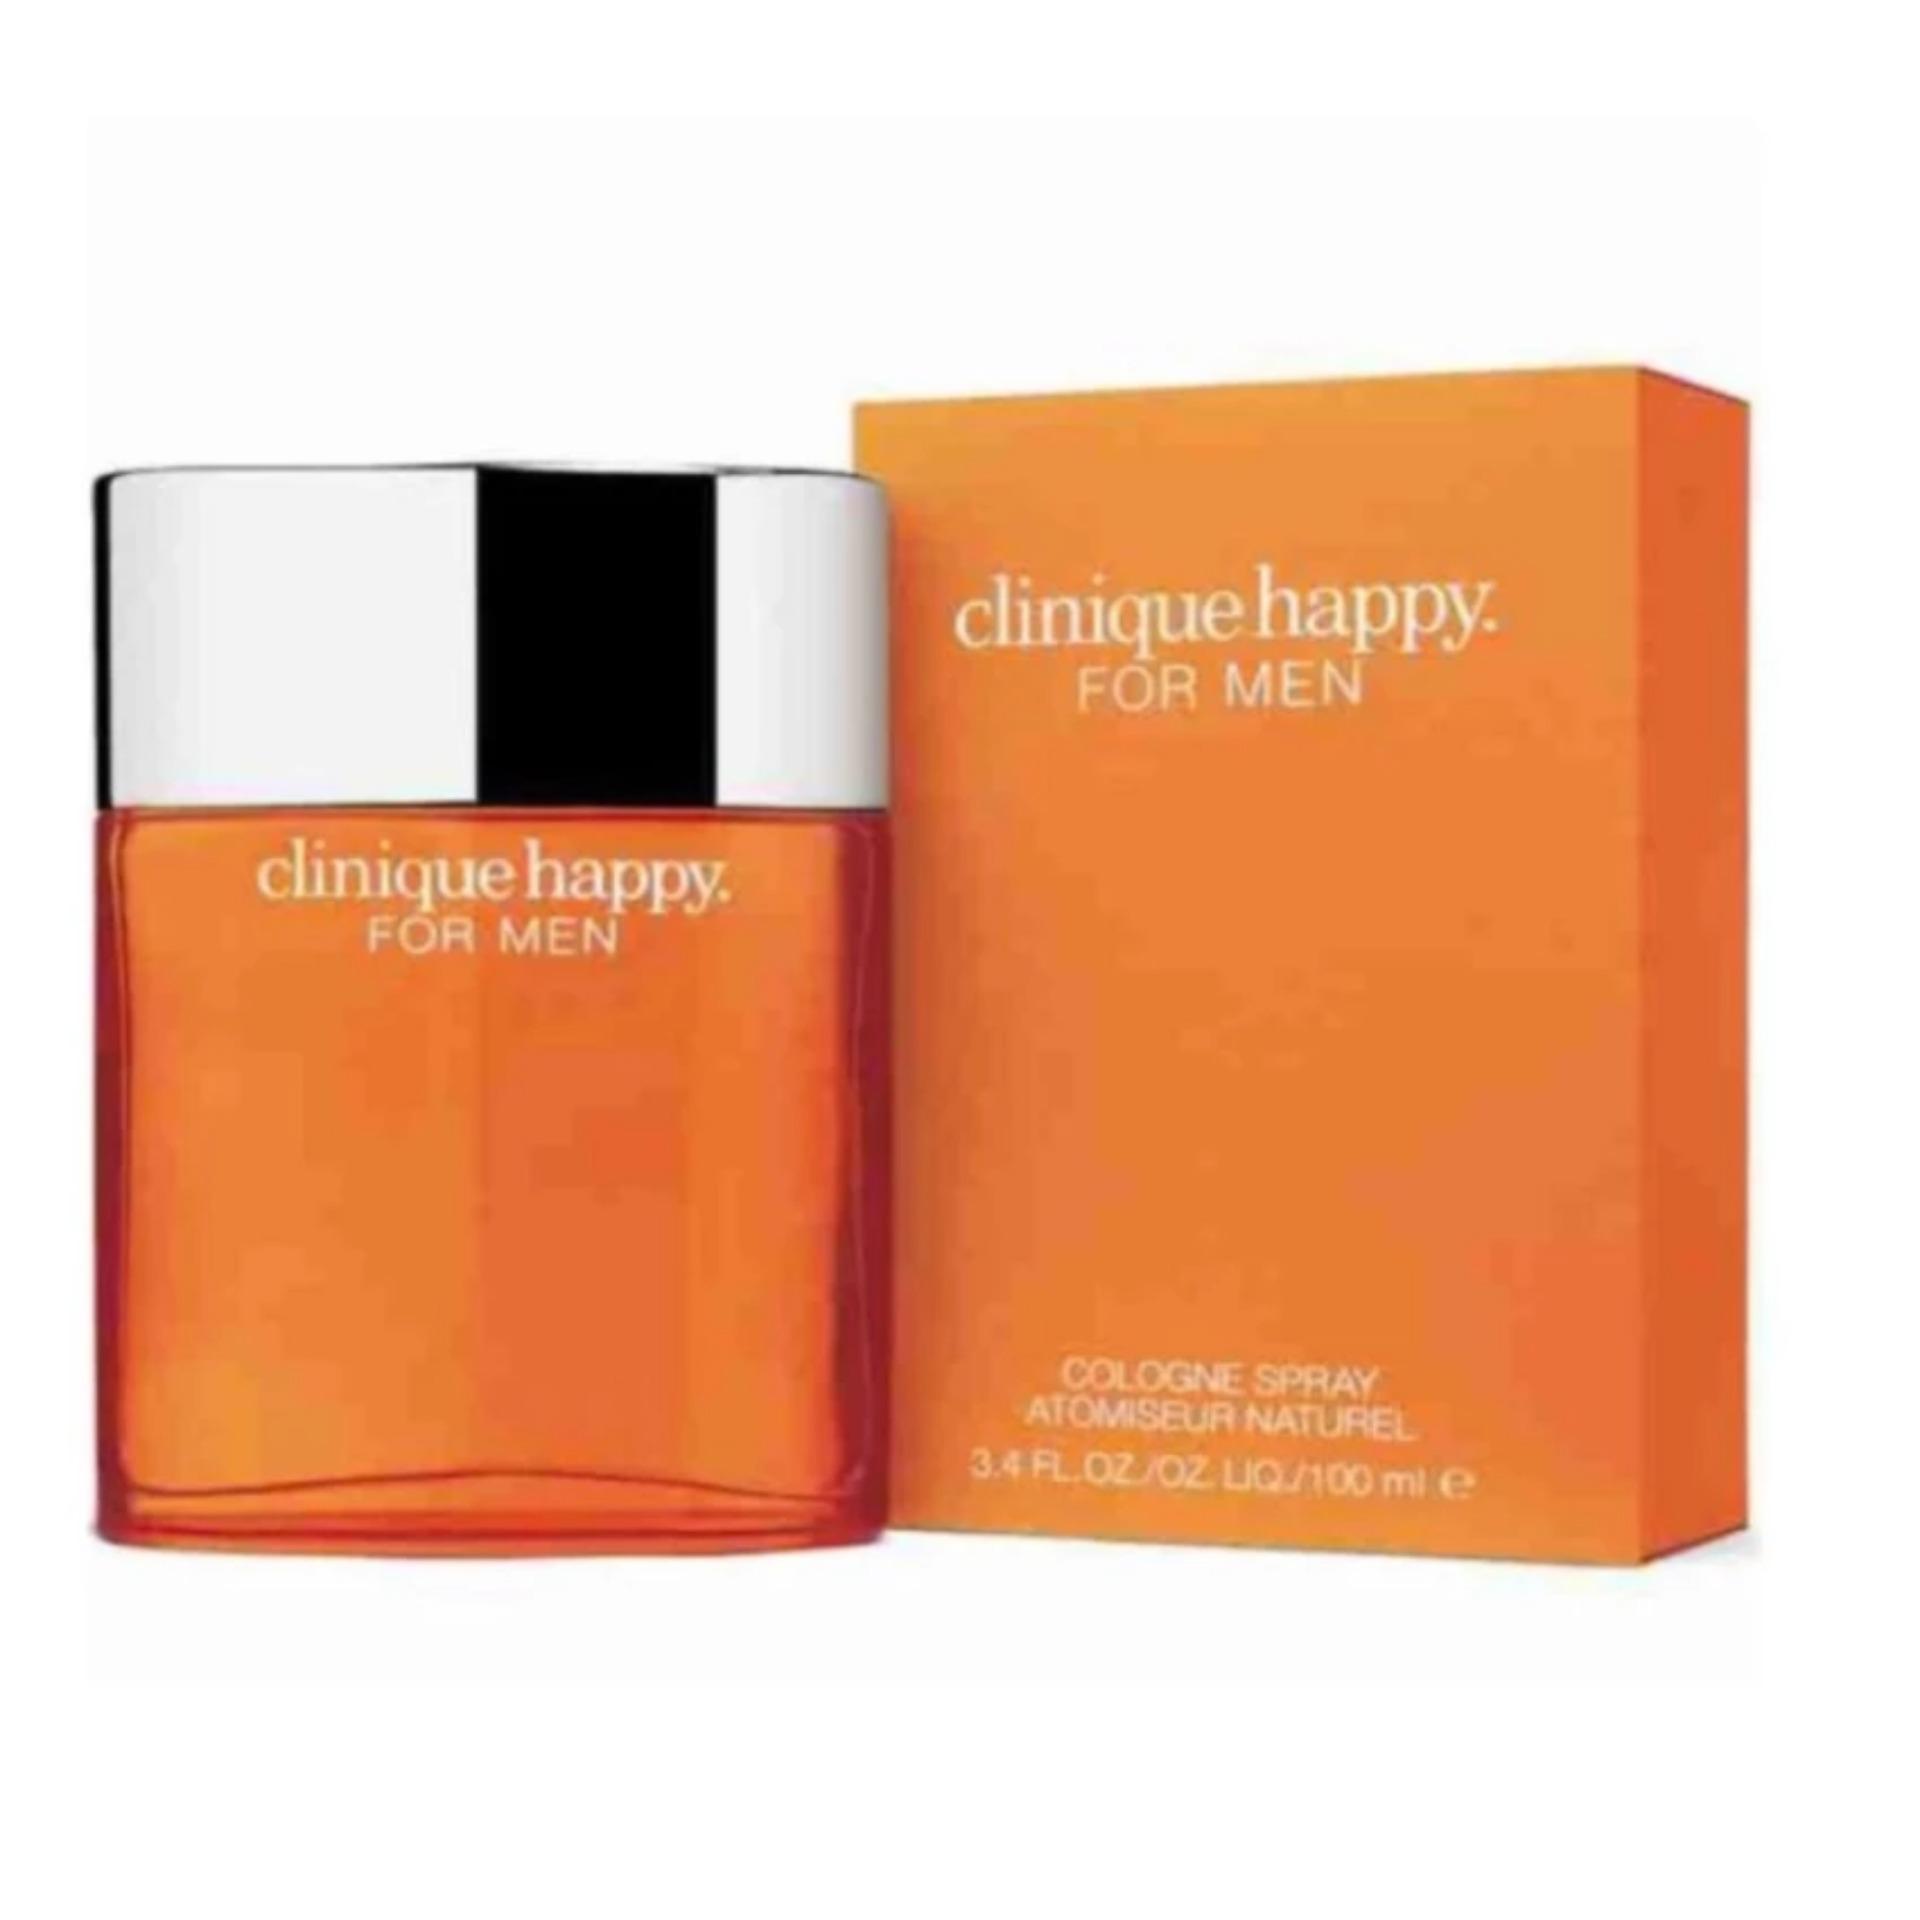 Clinique Happy Cologne Spray Eau De Toilette Perfume for Men 100m - thumbnail